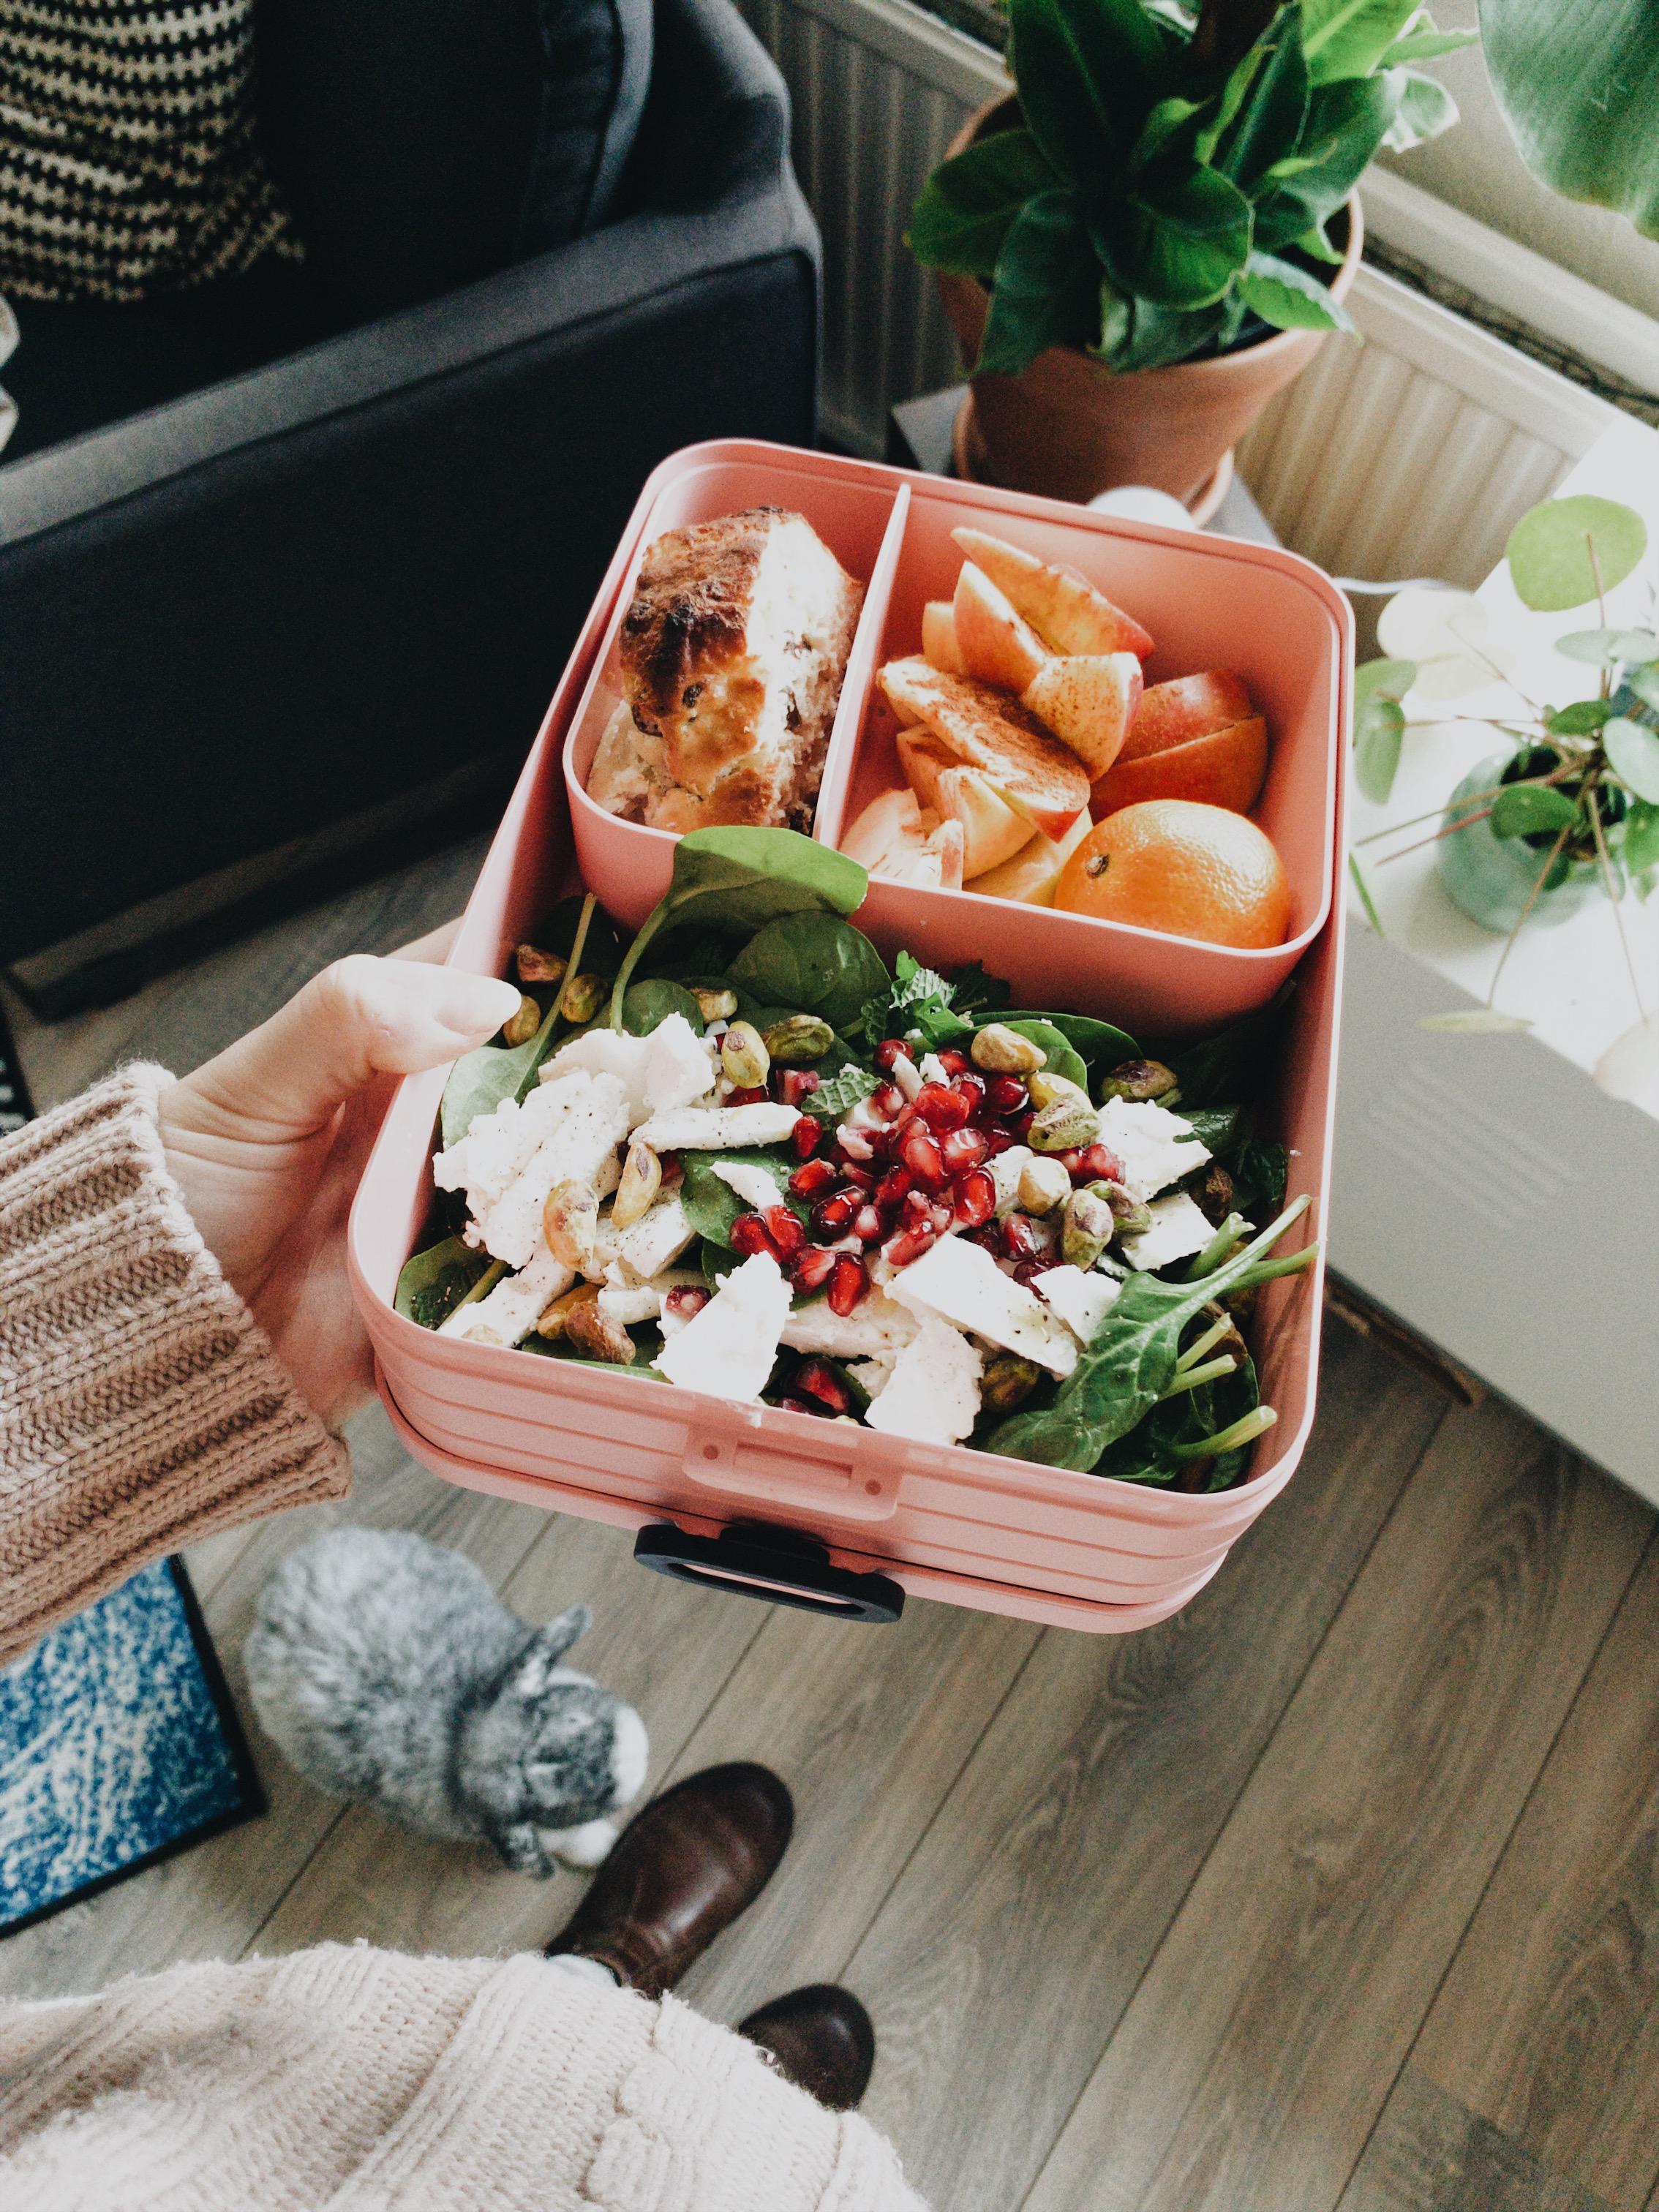 Plakje van Leev kwarkbol, appel met kaneel en een mandarijntje, salade van babyspinazie met peterselie, munt, granaatappelpitjes, feta en pistachenootjes.